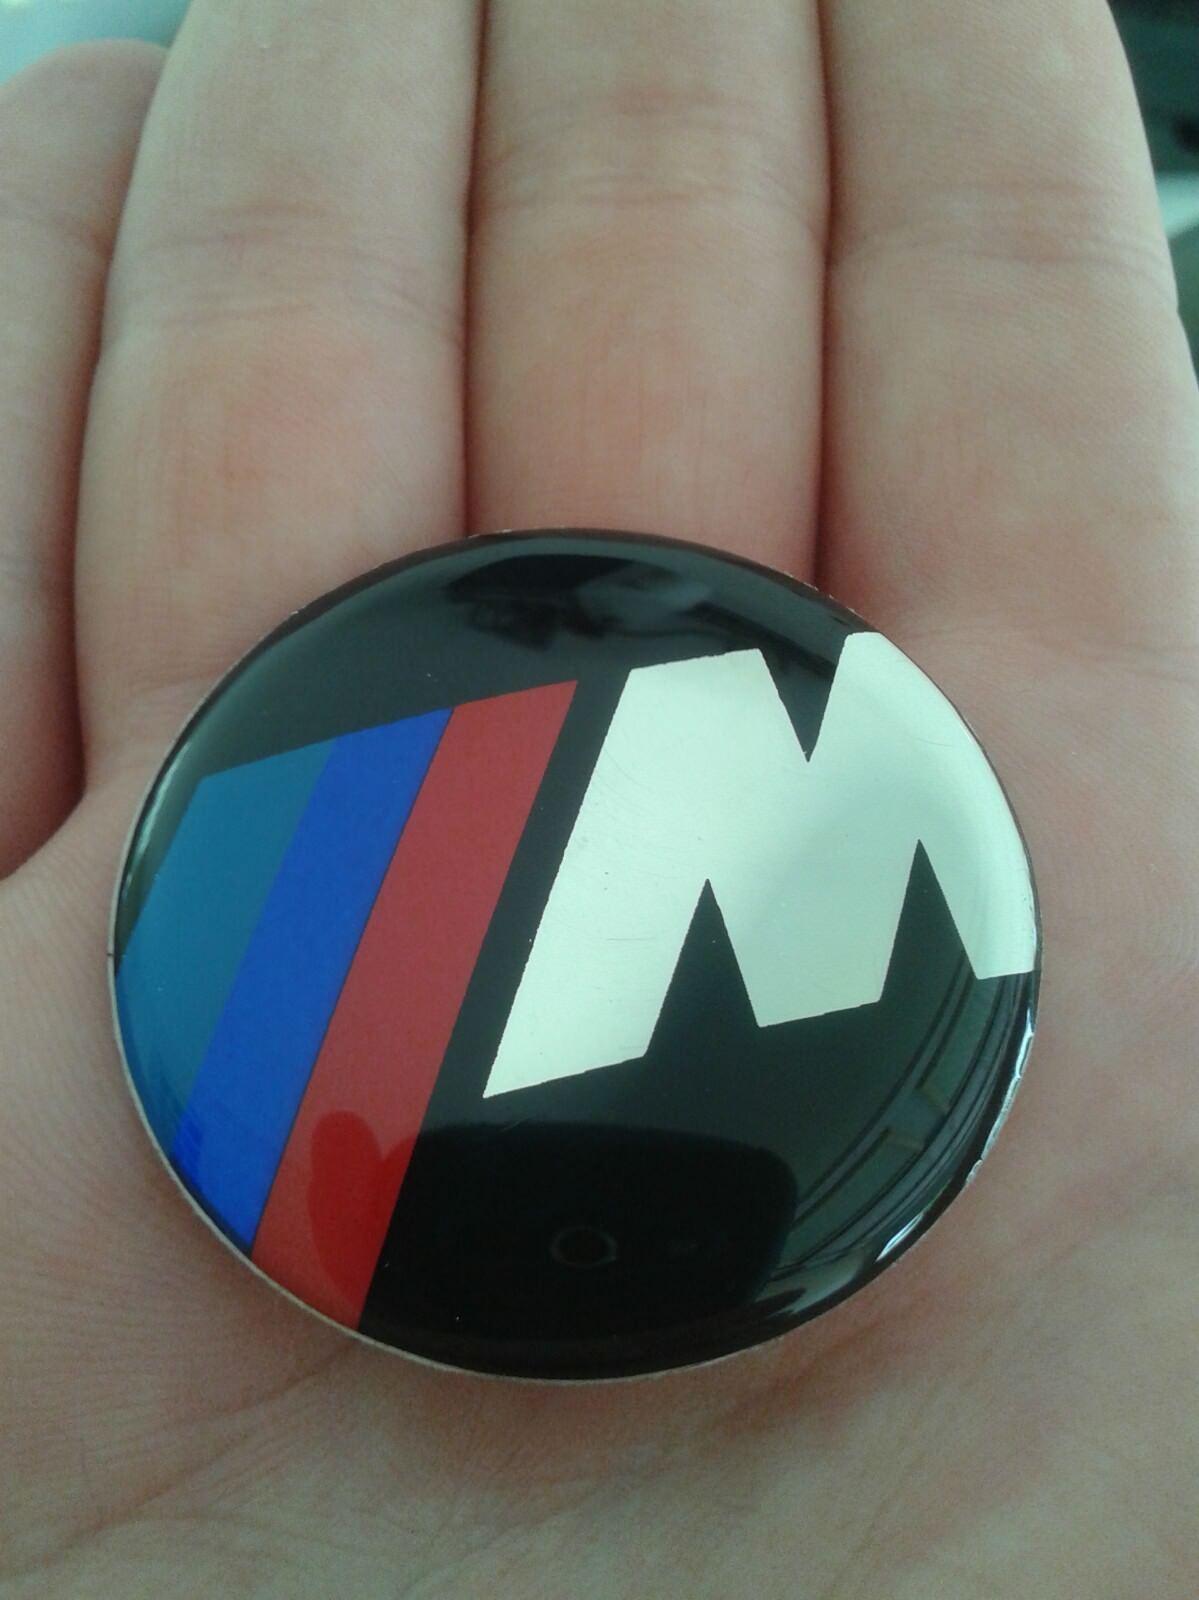 bmw m power steering wheel badge emblem sticker logo 45mm. Black Bedroom Furniture Sets. Home Design Ideas